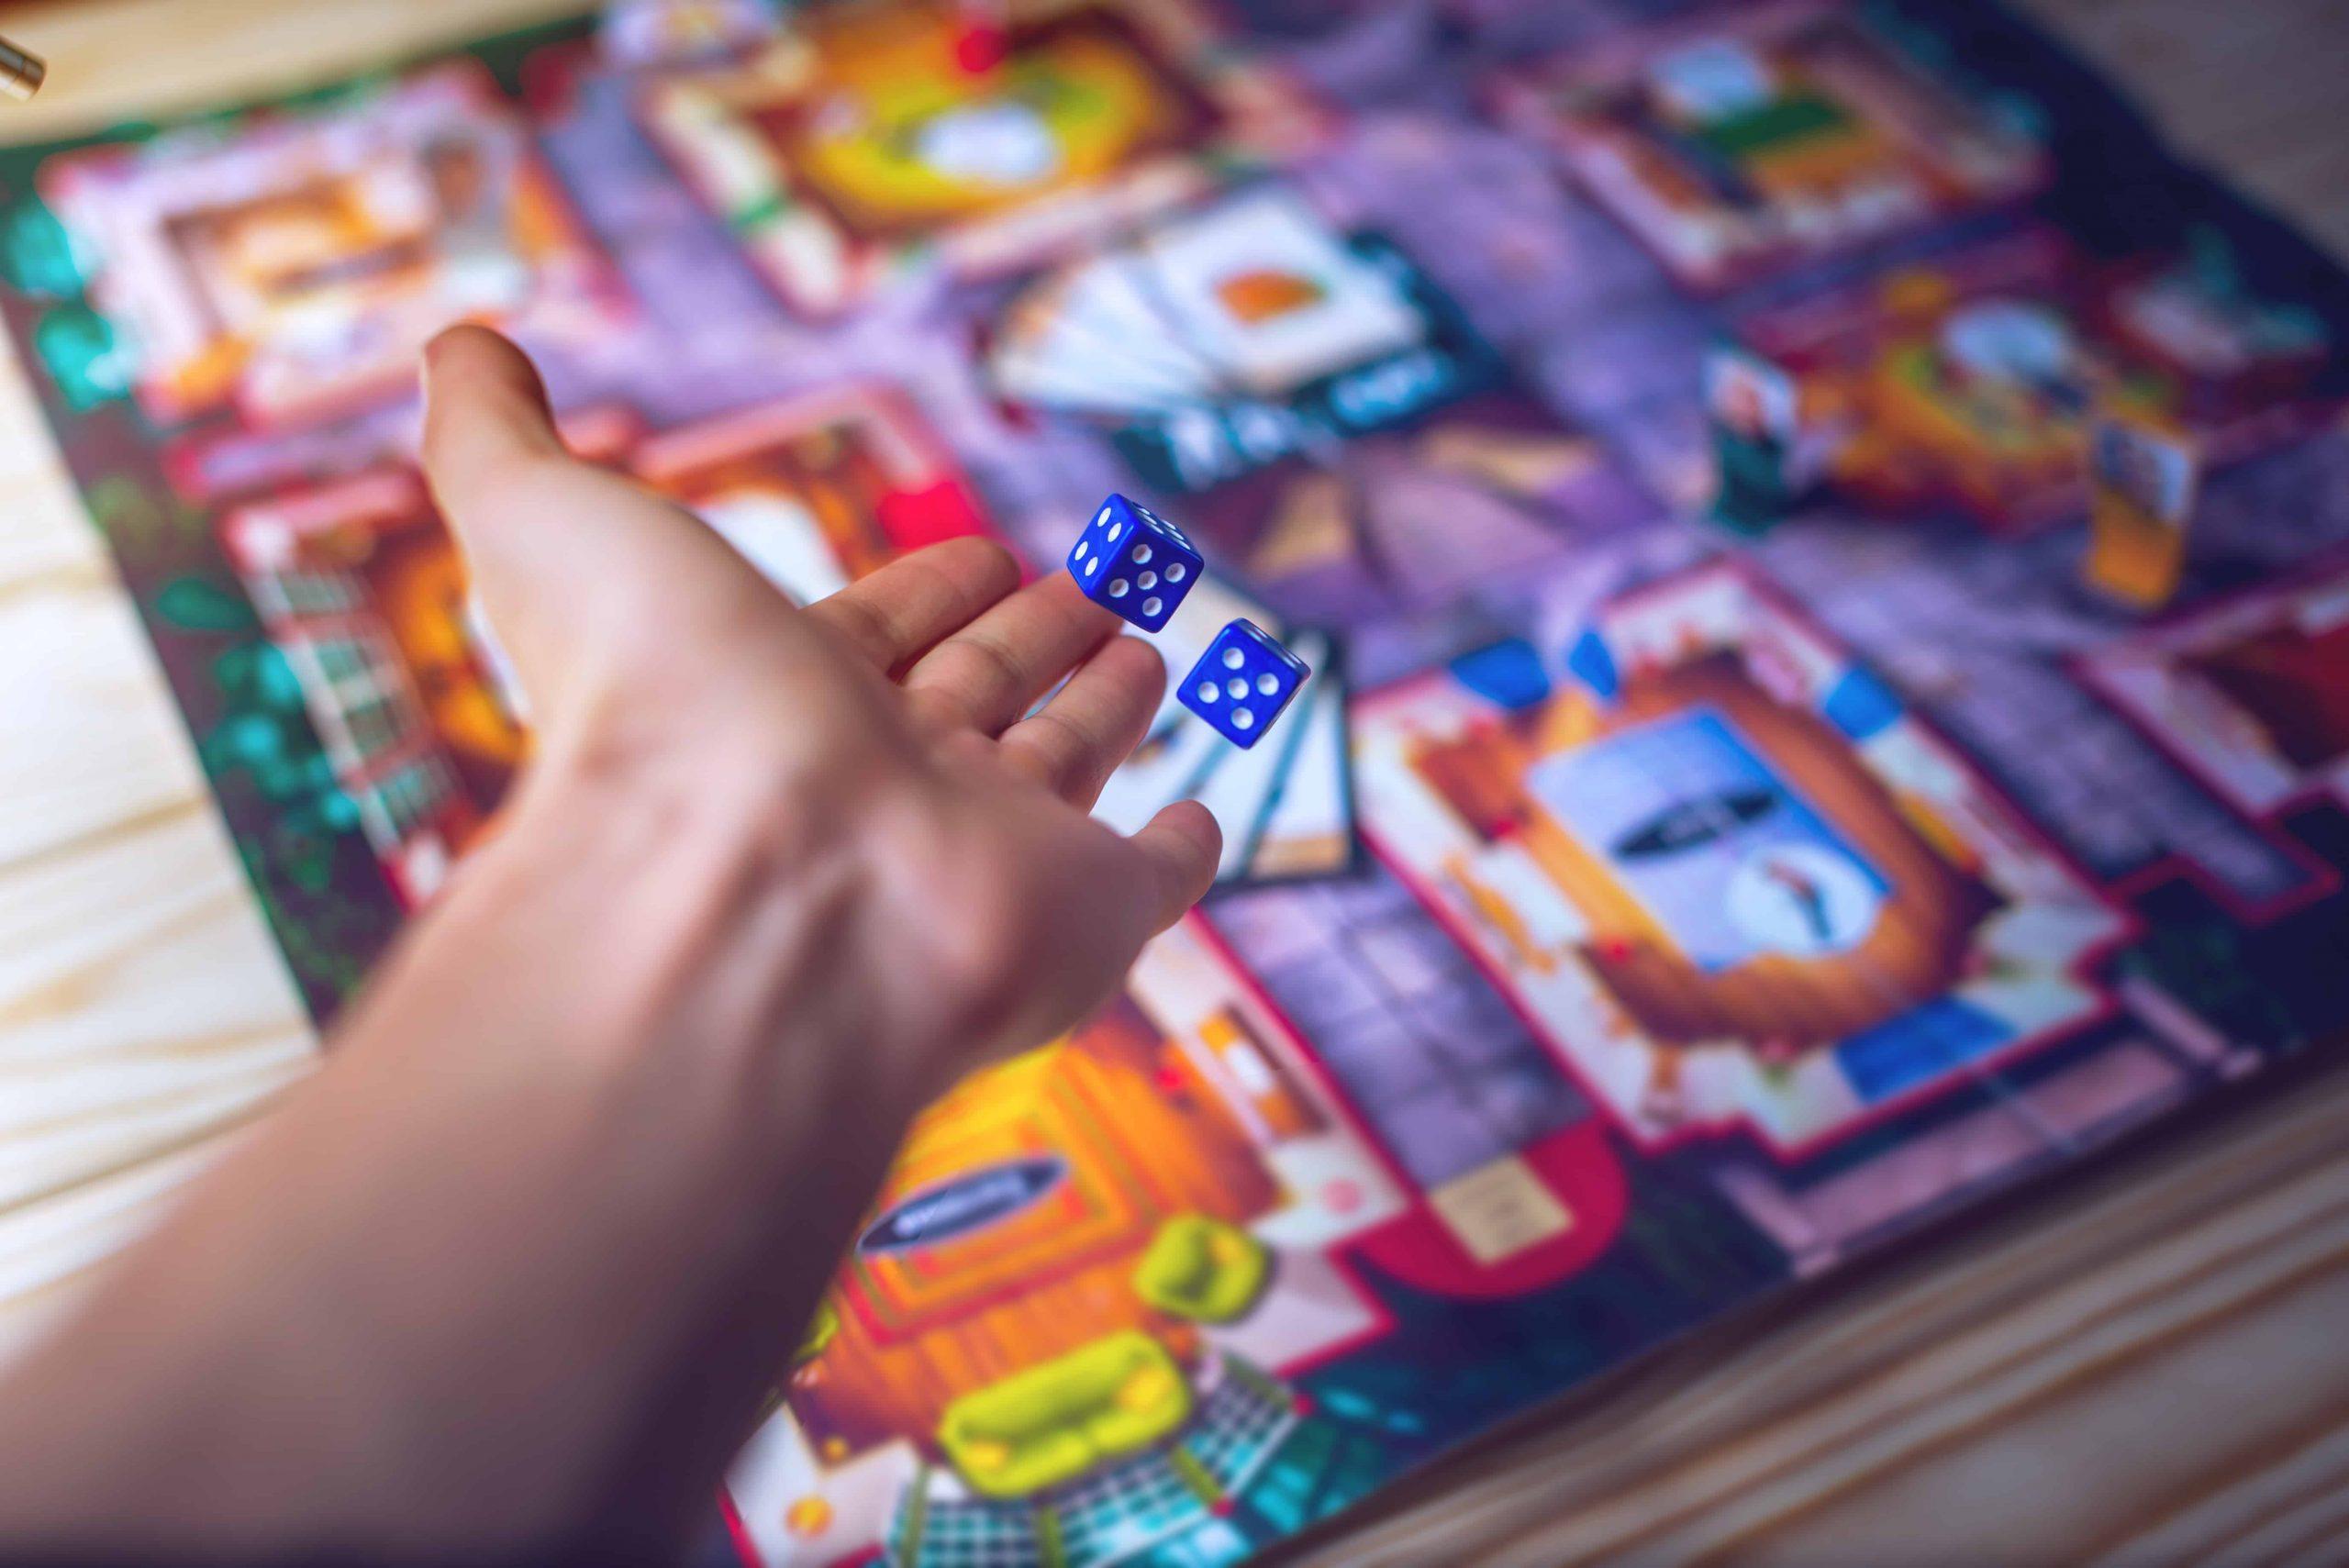 Mano de una persona jugando a un juego de mesa